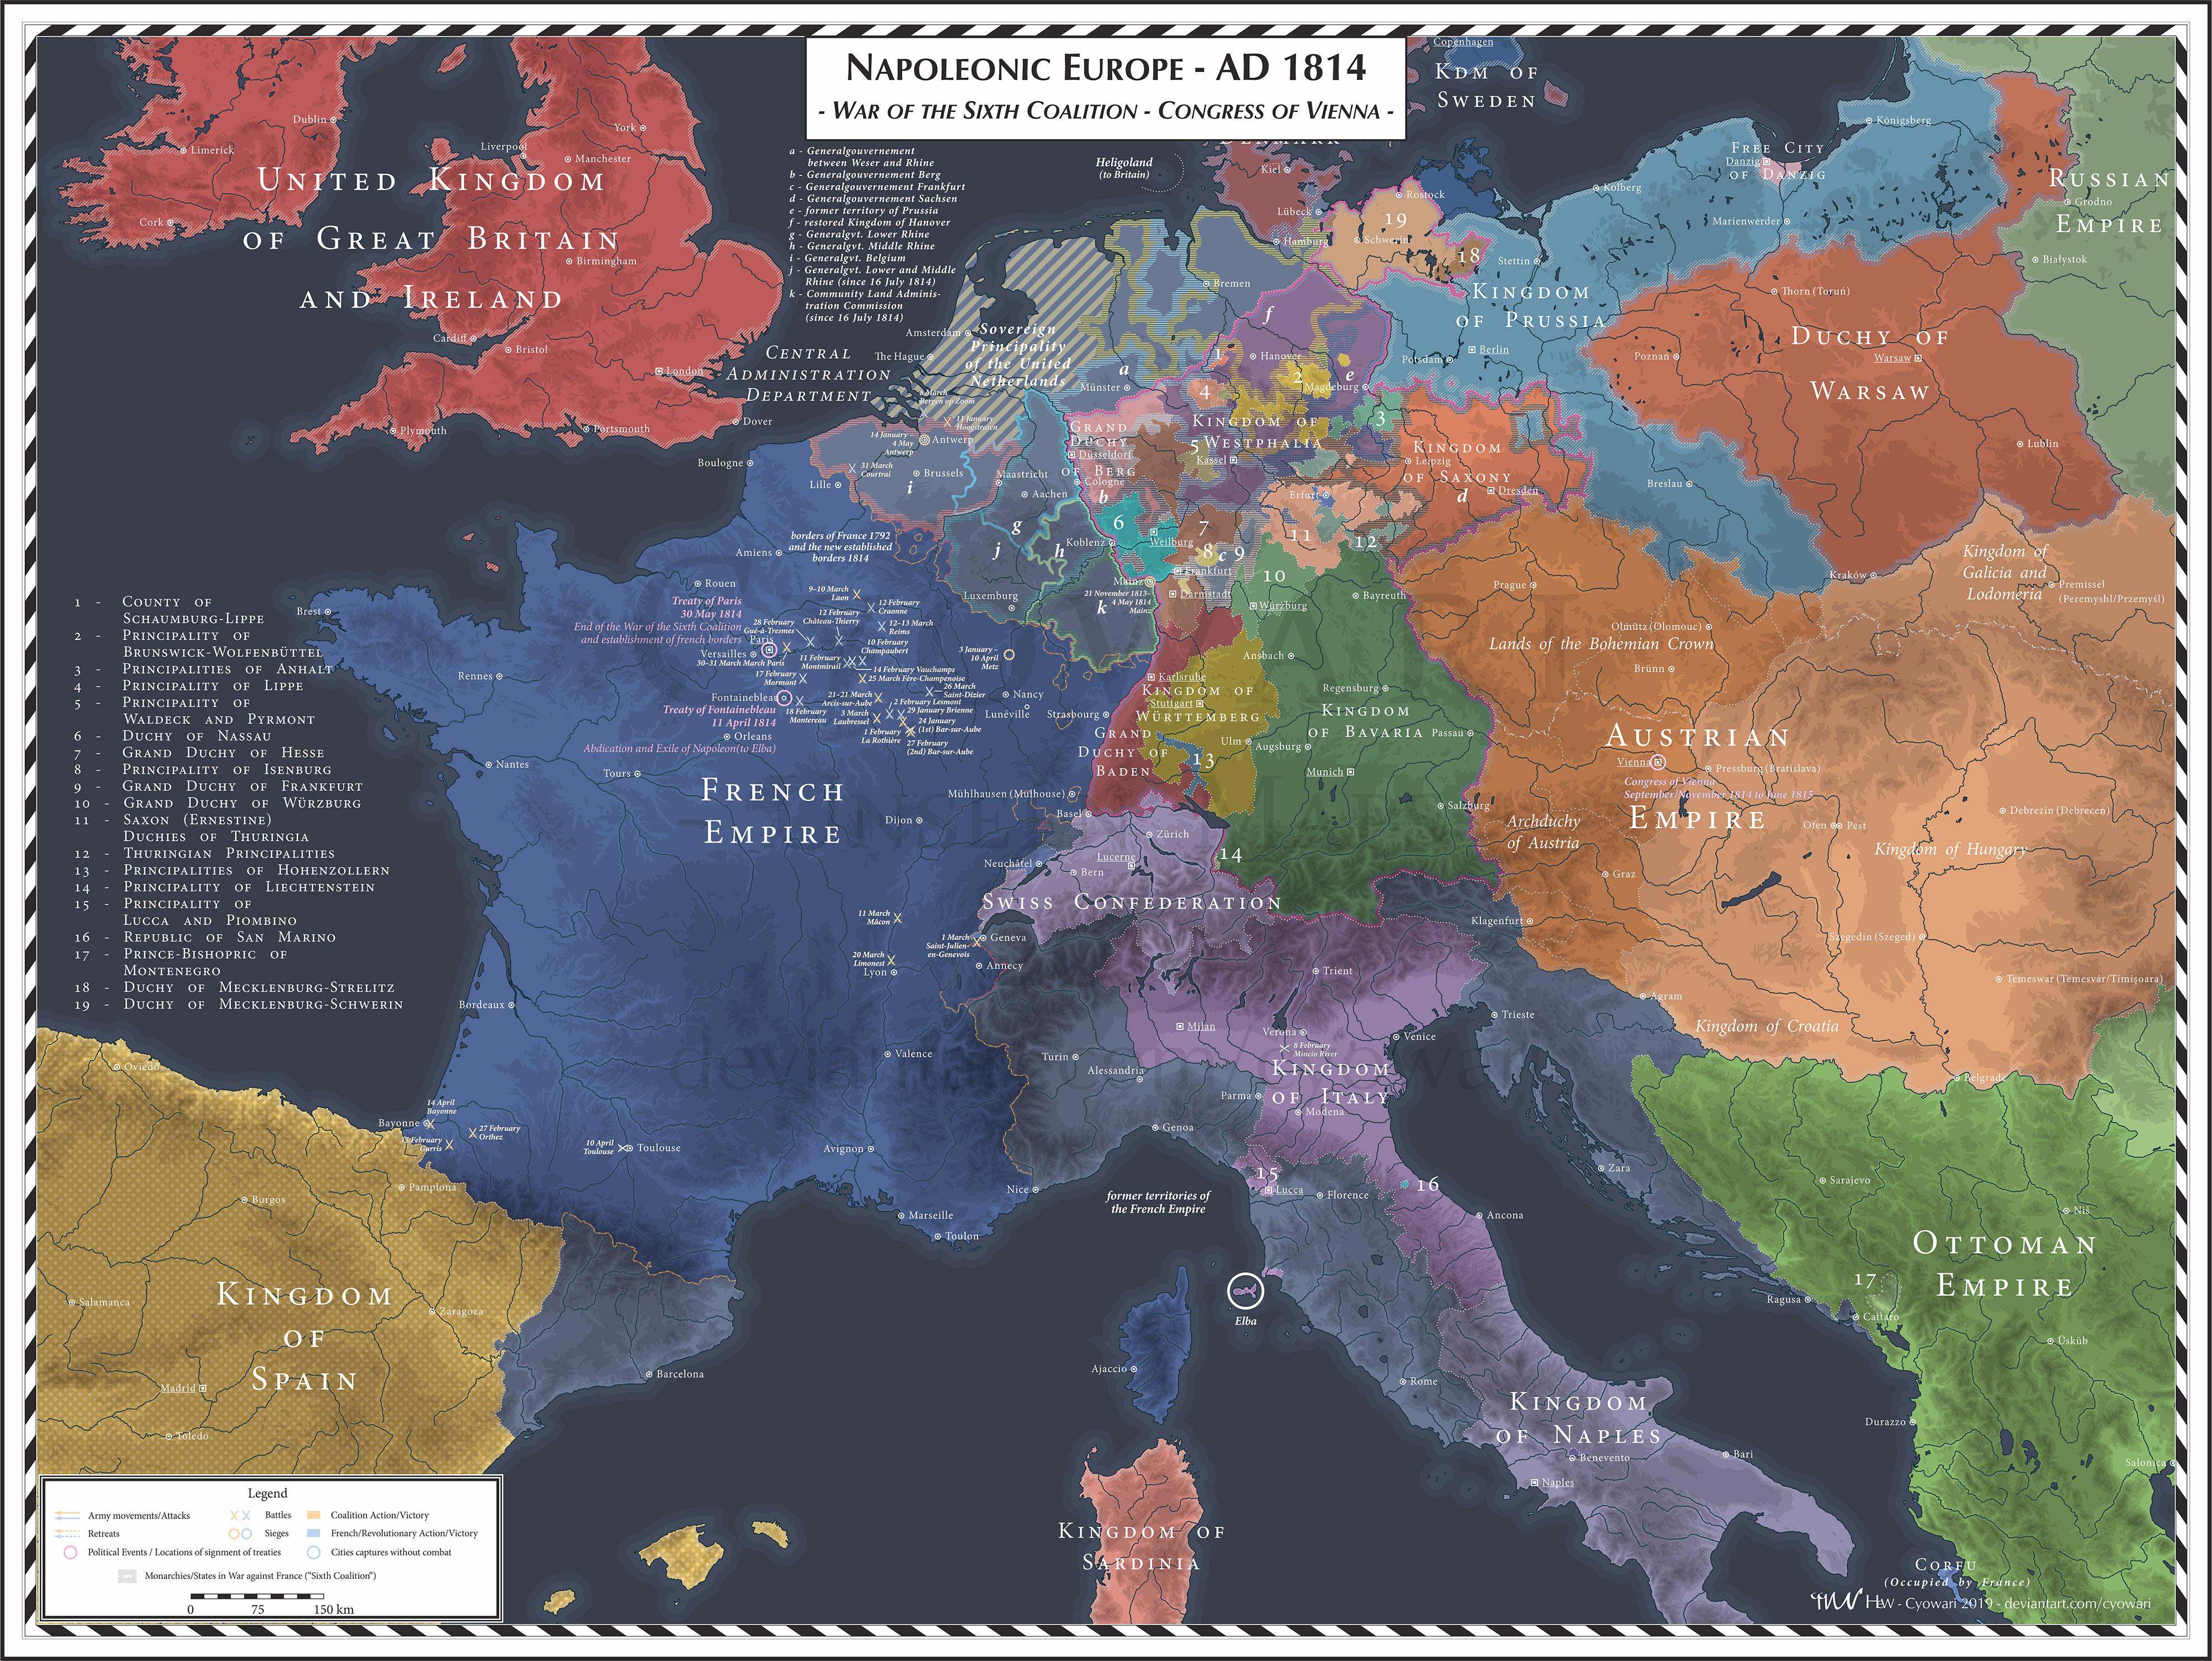 Napoleonic Europe - 1814 - Sixth Coalition